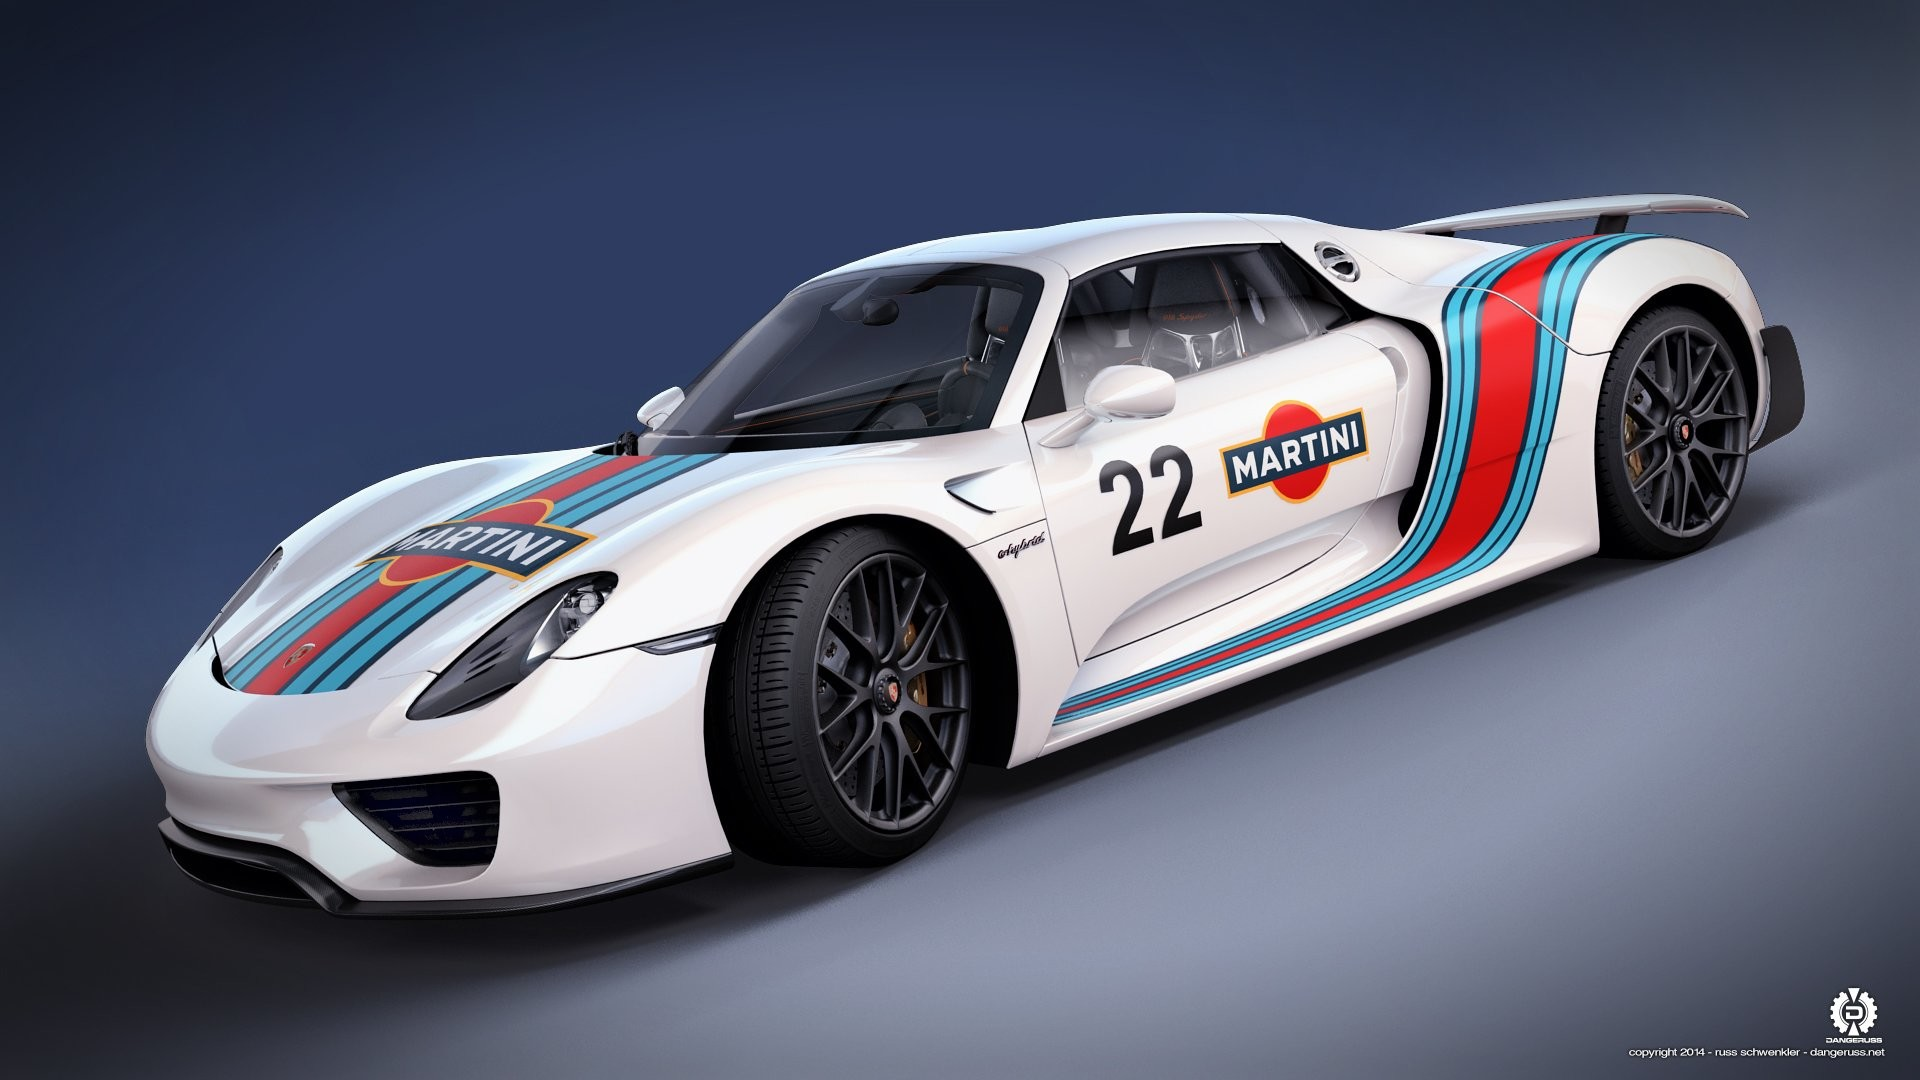 3840x2160 Wallpaper Porsche 918 Spyder Ultra HD 4K